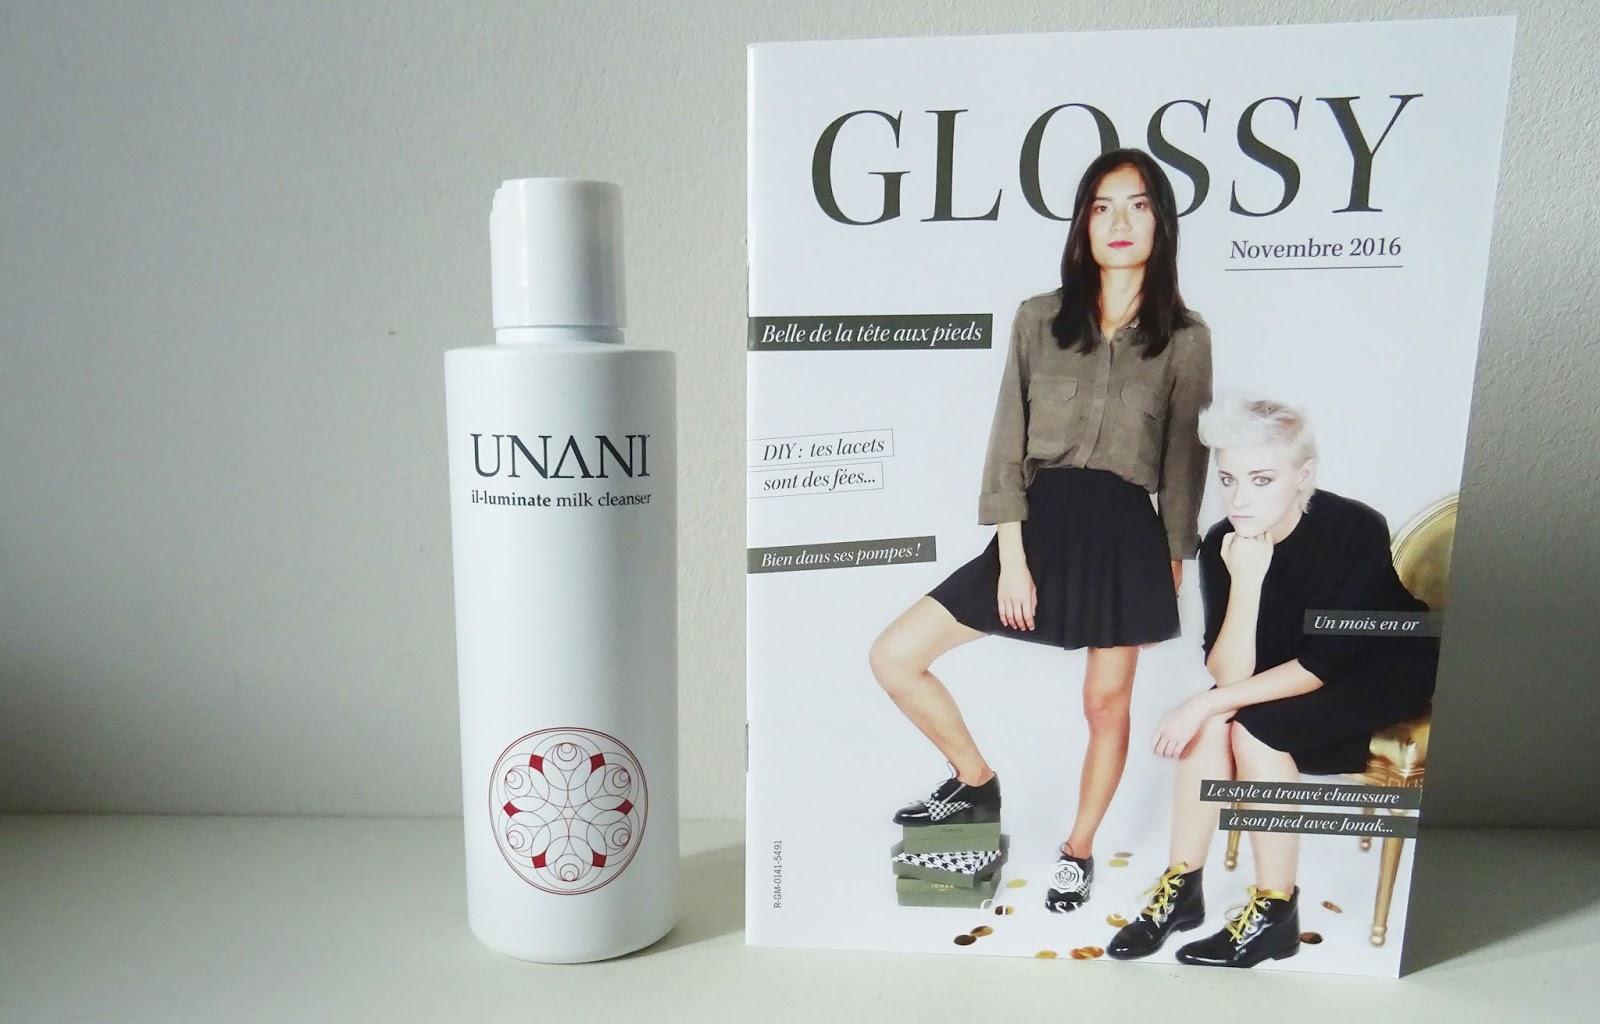 Glossybox Novembre 2016 : Belle de la tête aux pieds | Collaboration Jonak Unani